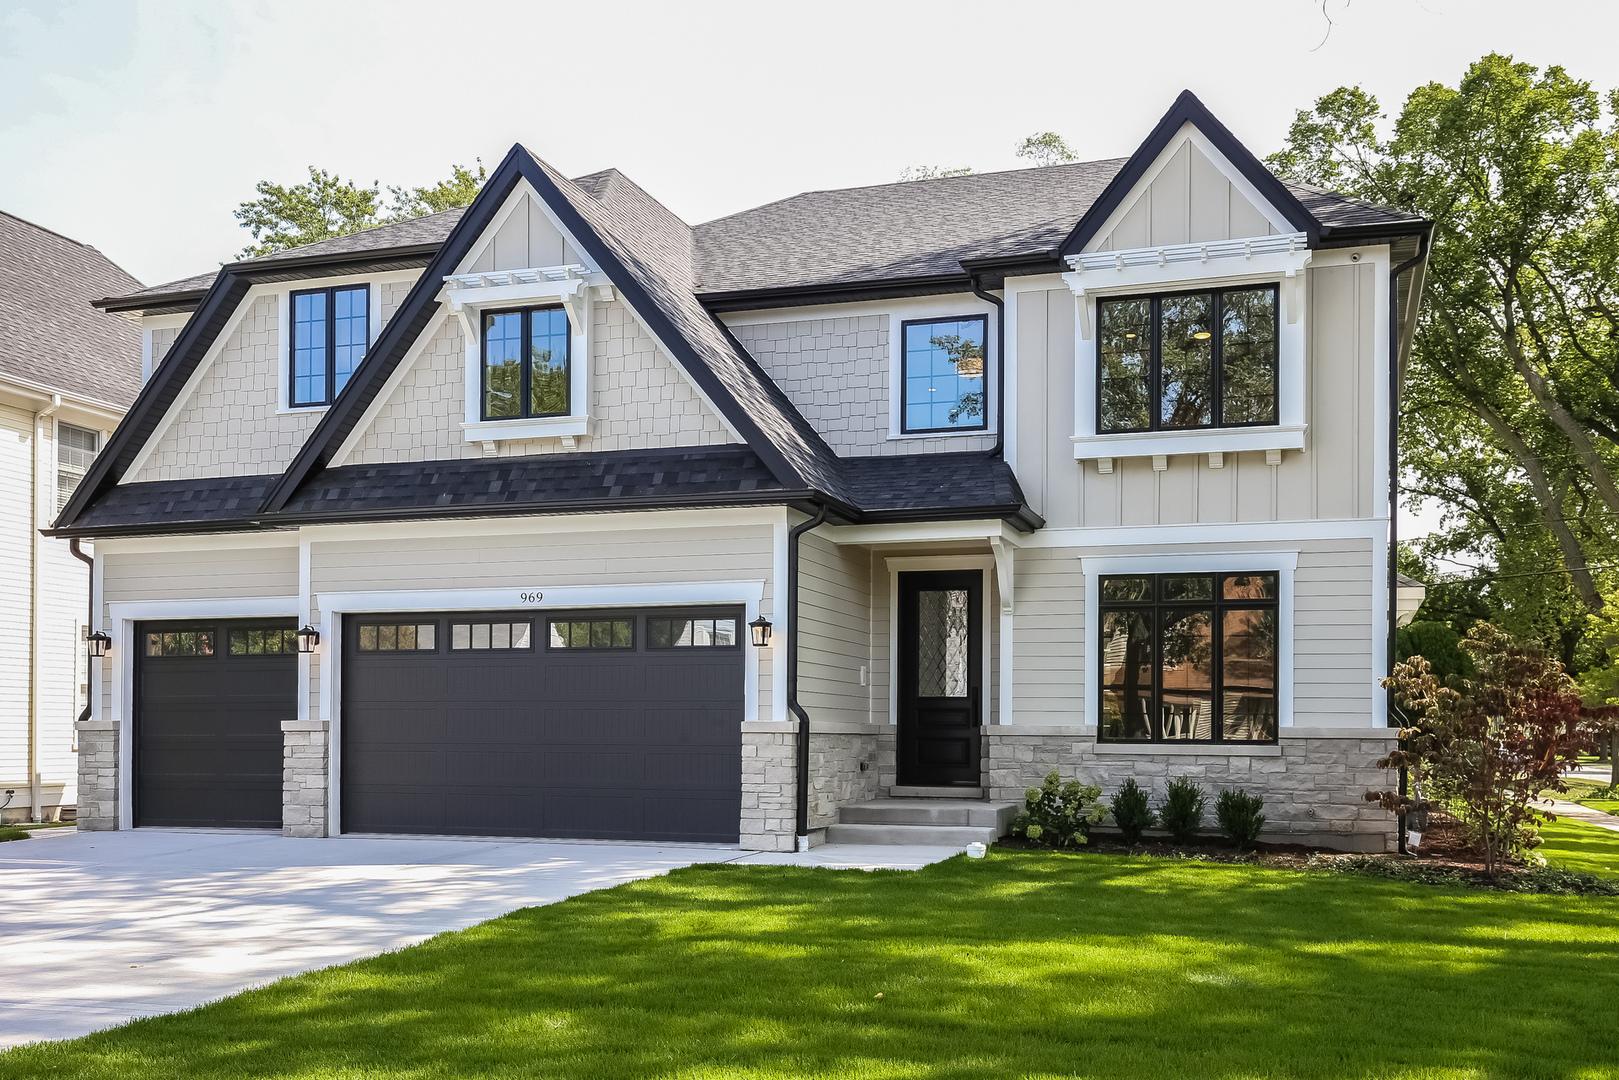 Homes for sale near jackson elementary school elementray for Elmhurst house